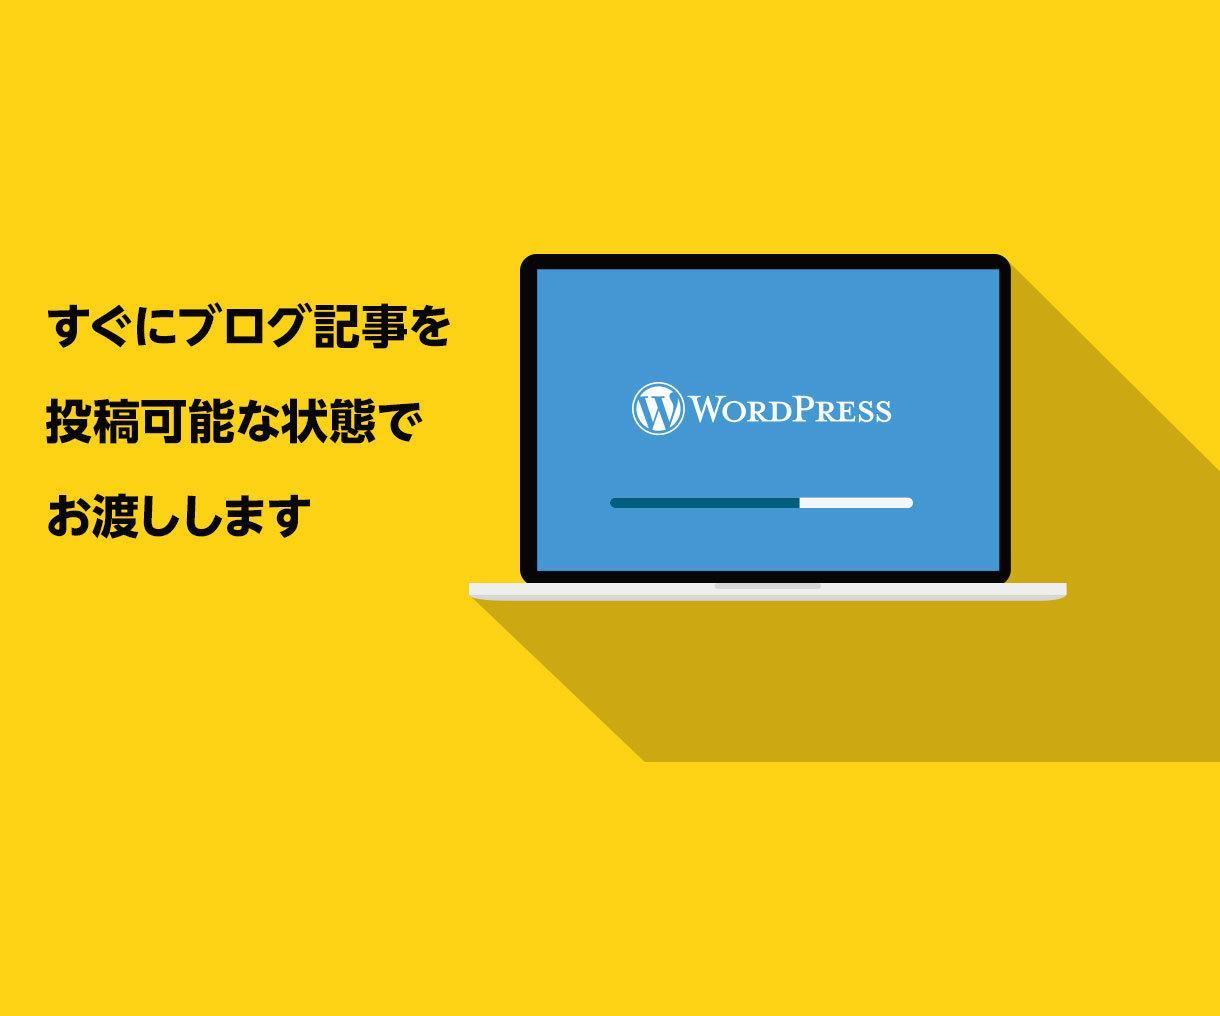 WordPressでサイト制作いたします しっかりとサポートいたしますので安心してご依頼ください